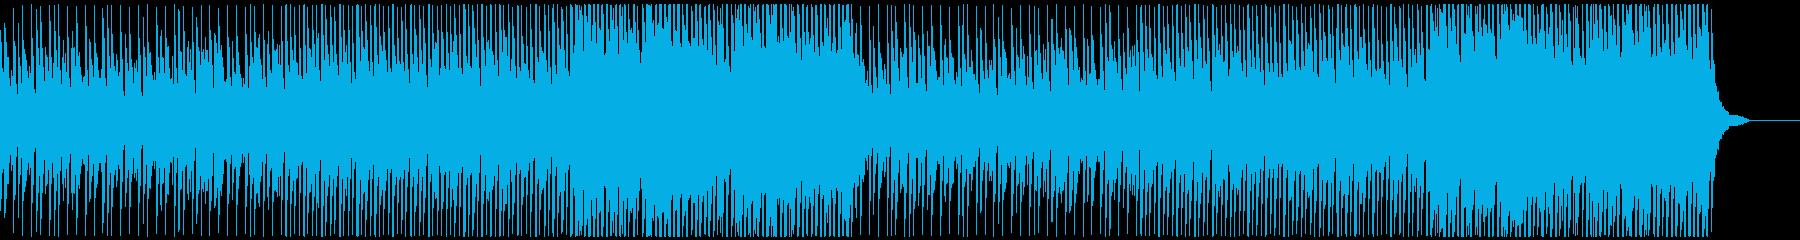 ピアノメインの爽やかで感動的なポップ曲の再生済みの波形